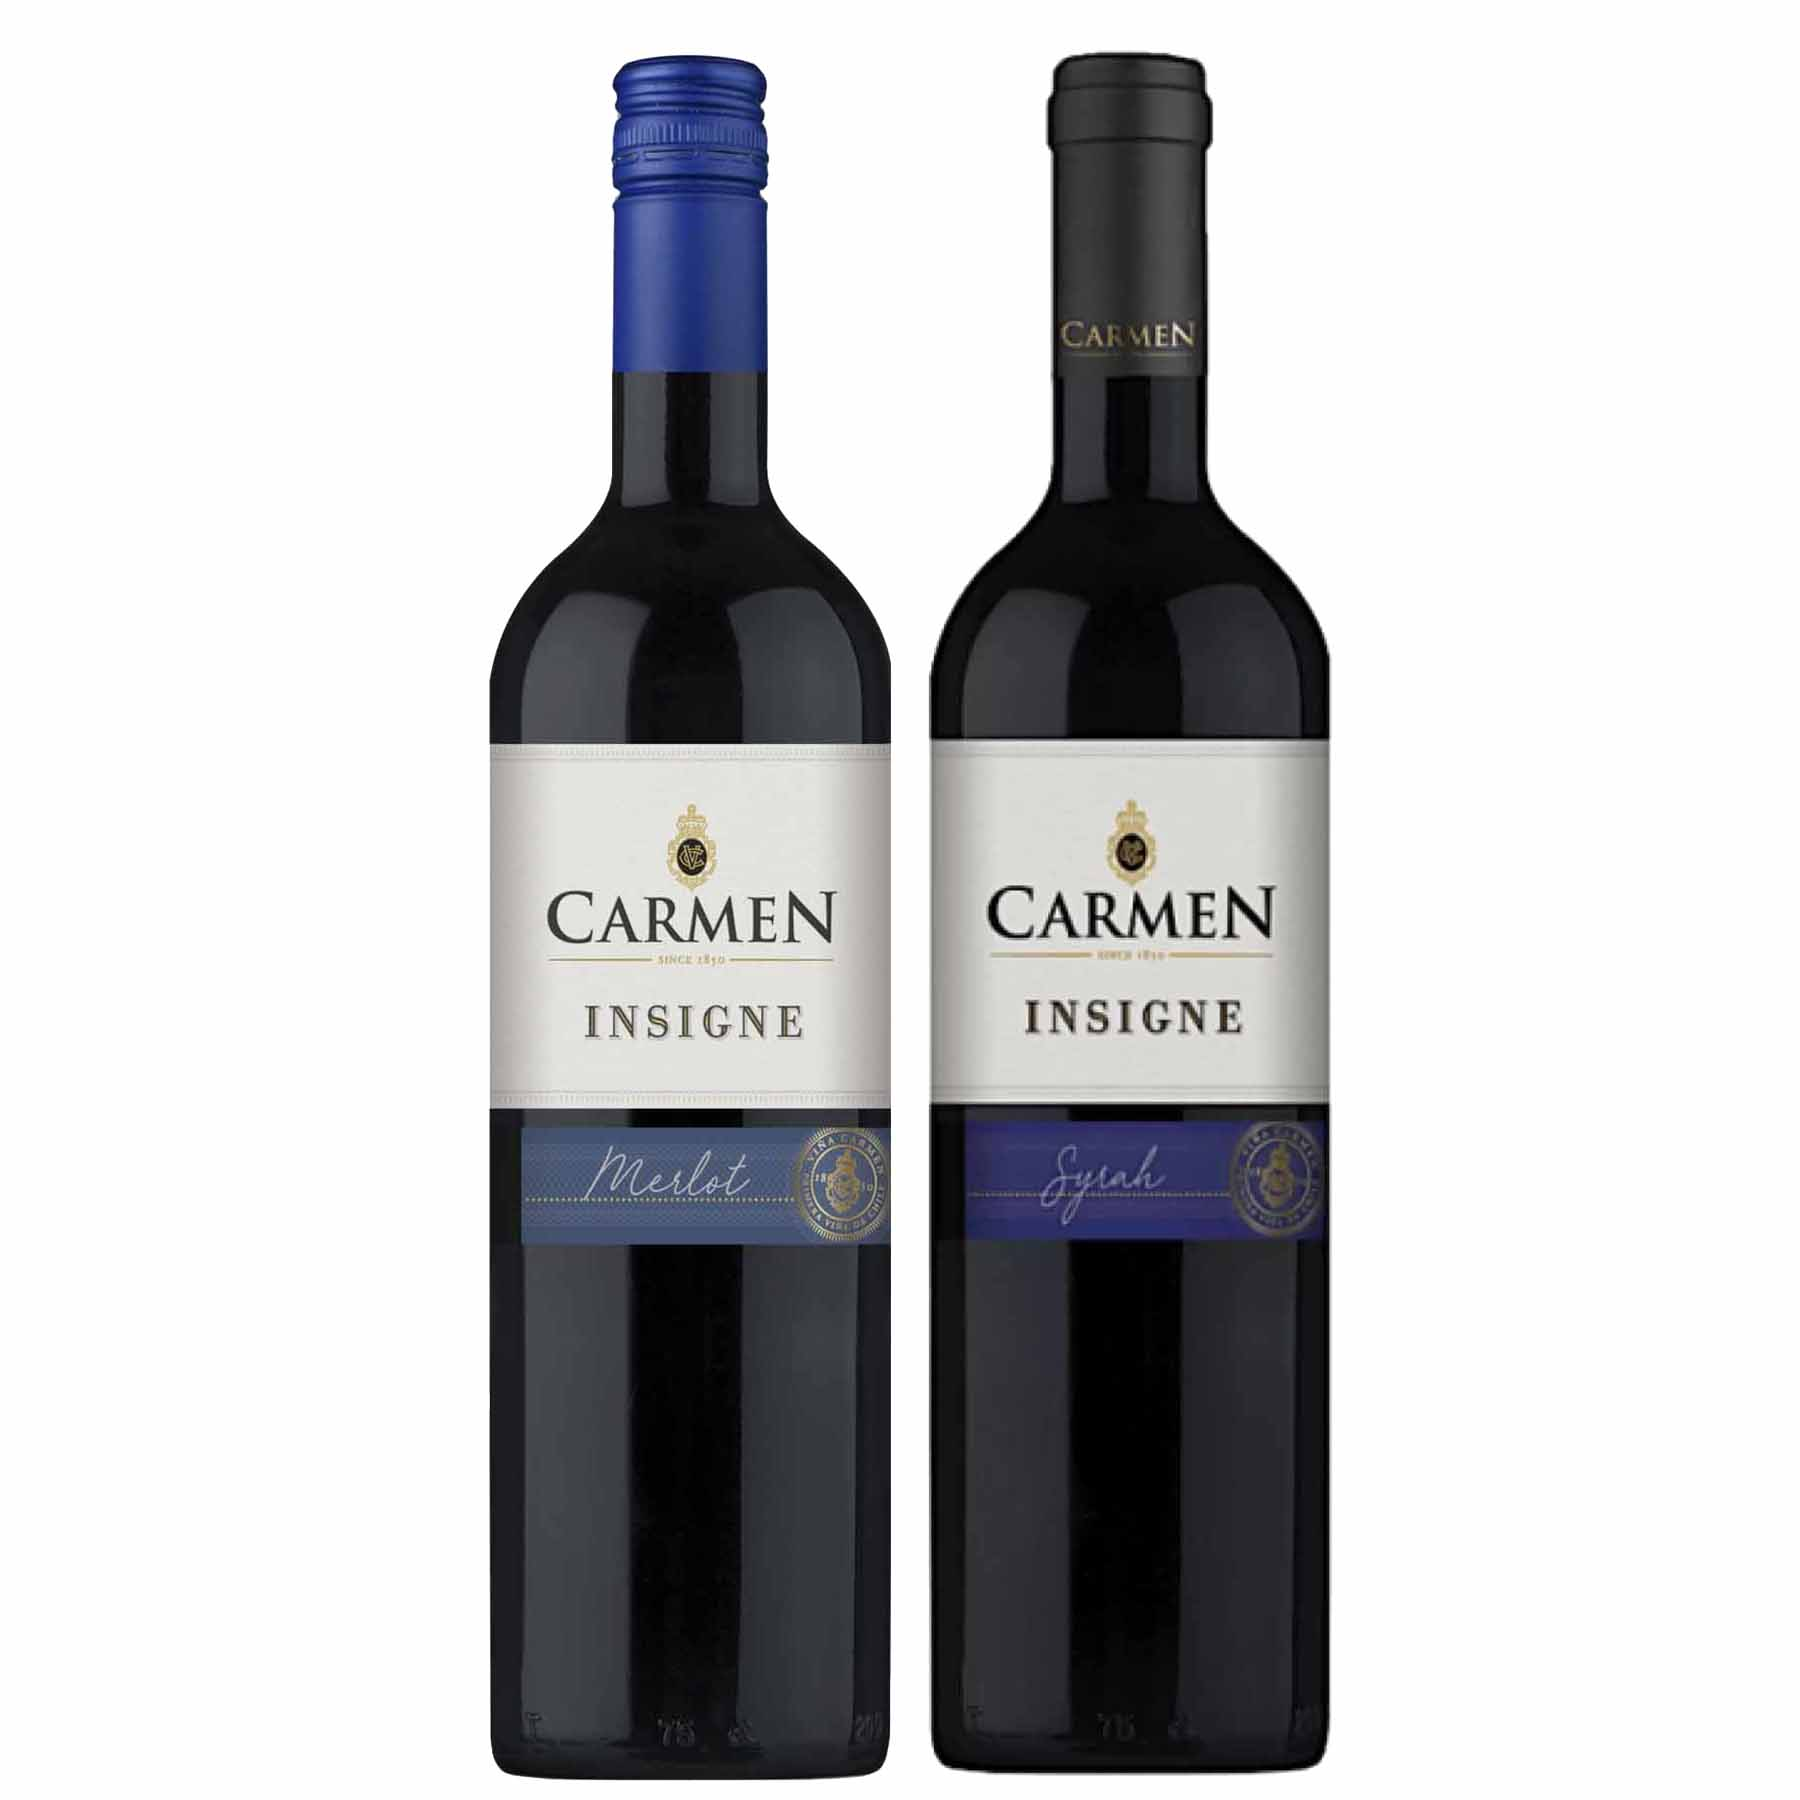 Kit 2 Vinhos Chilenos Carmen Insigne Syrah e Merlot